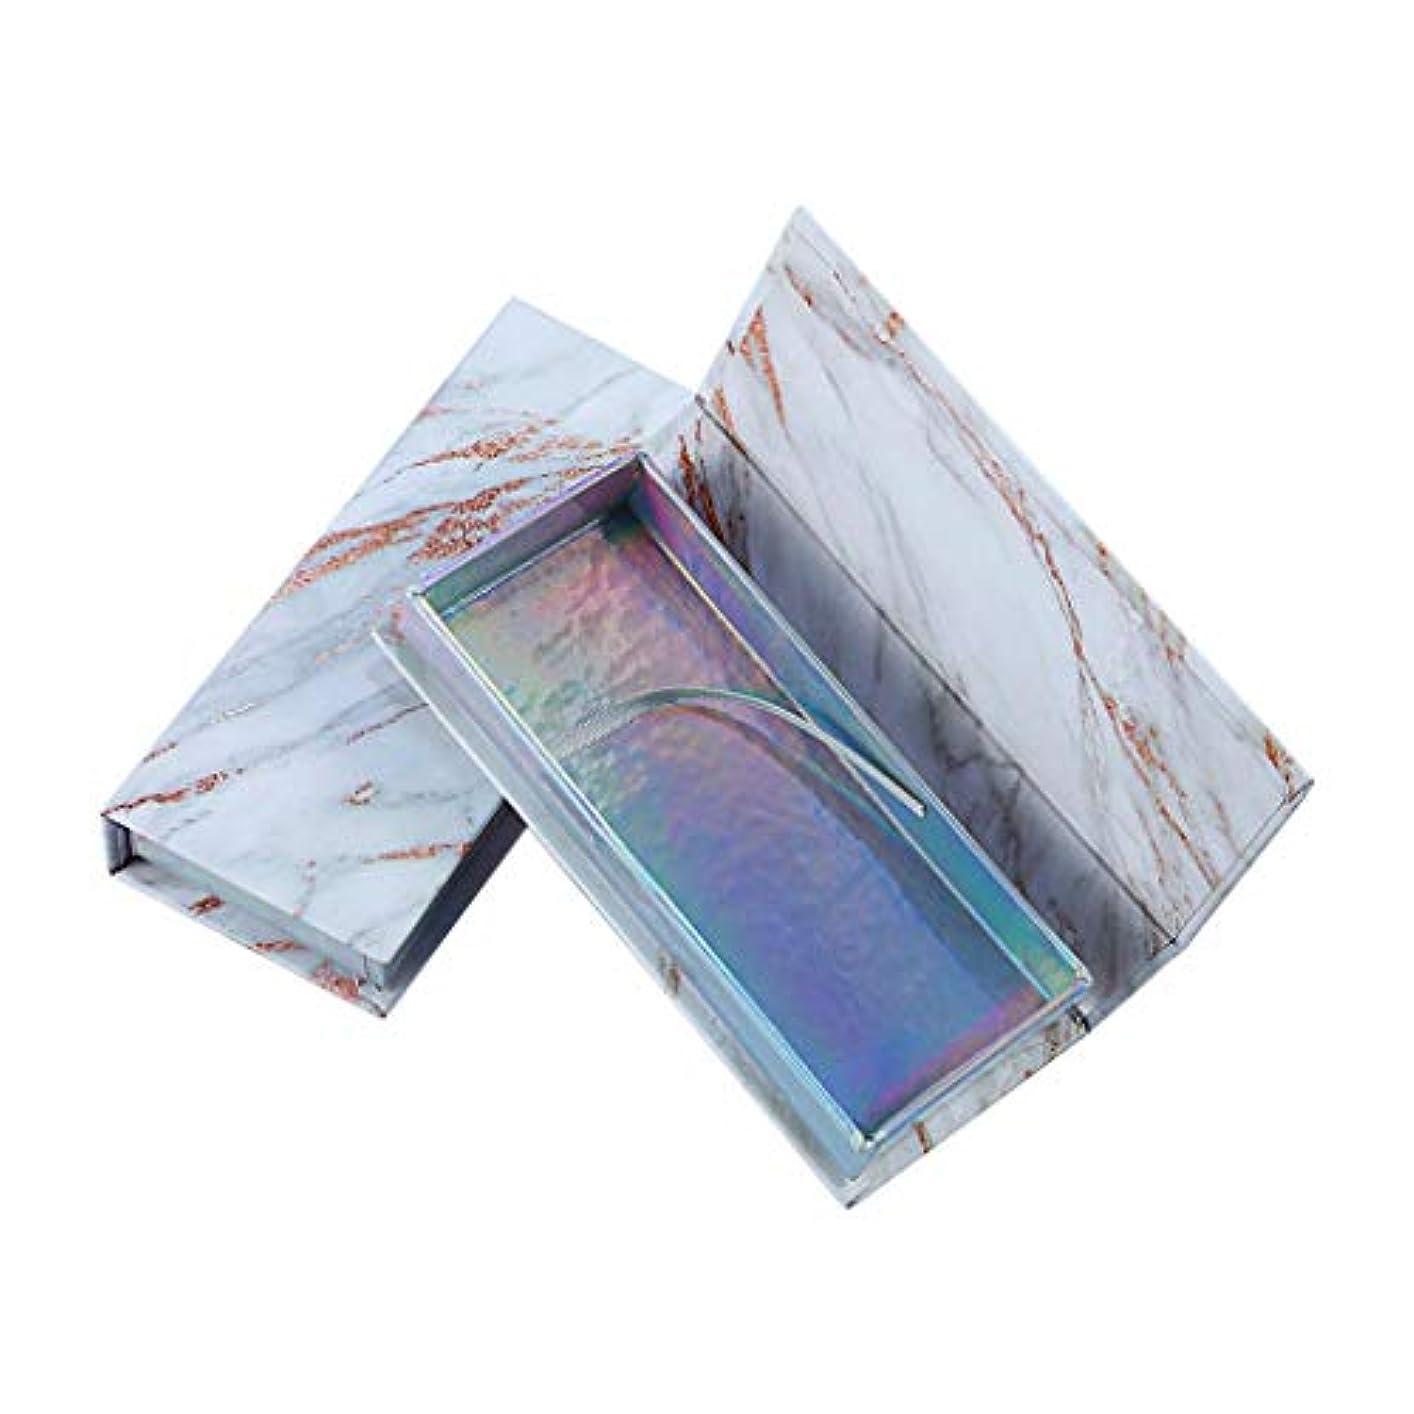 クマノミ二層雰囲気ビューティー 収納ボックス ファッション シンプル つけまつげ アイラッシュ ボックス メイクアップ ビューティー 収納ボックス 大理石 まつげボックス (ブラック)